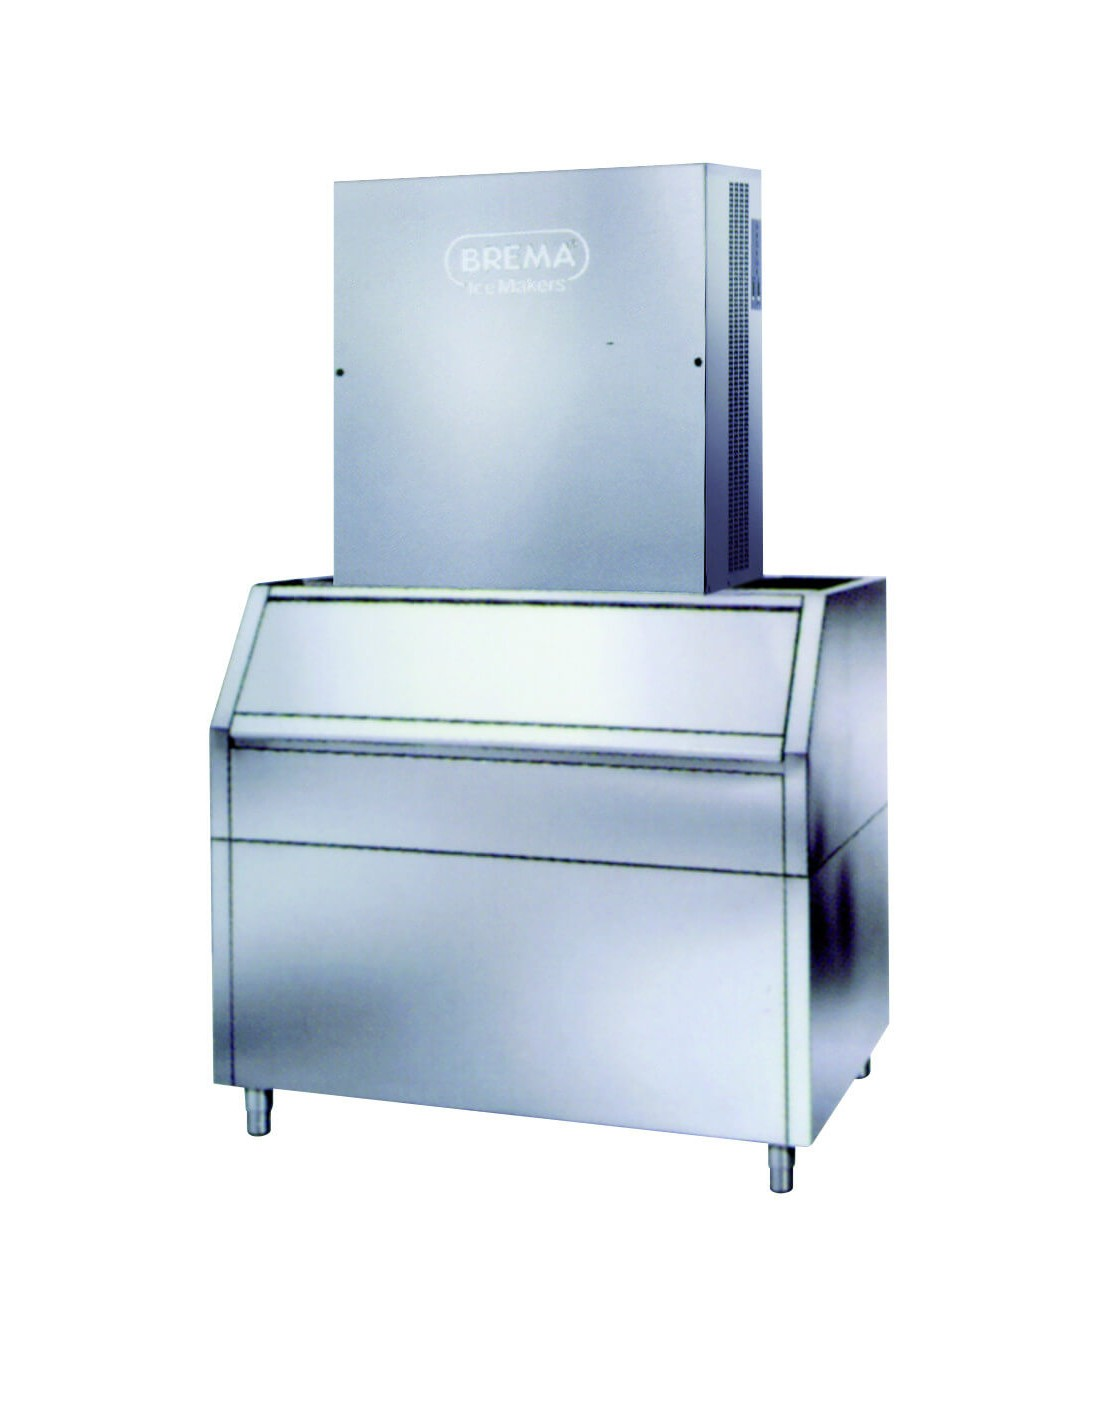 Boiler Küche Stromverbrauch  Crushedeismaschine 15 Kg/15 H